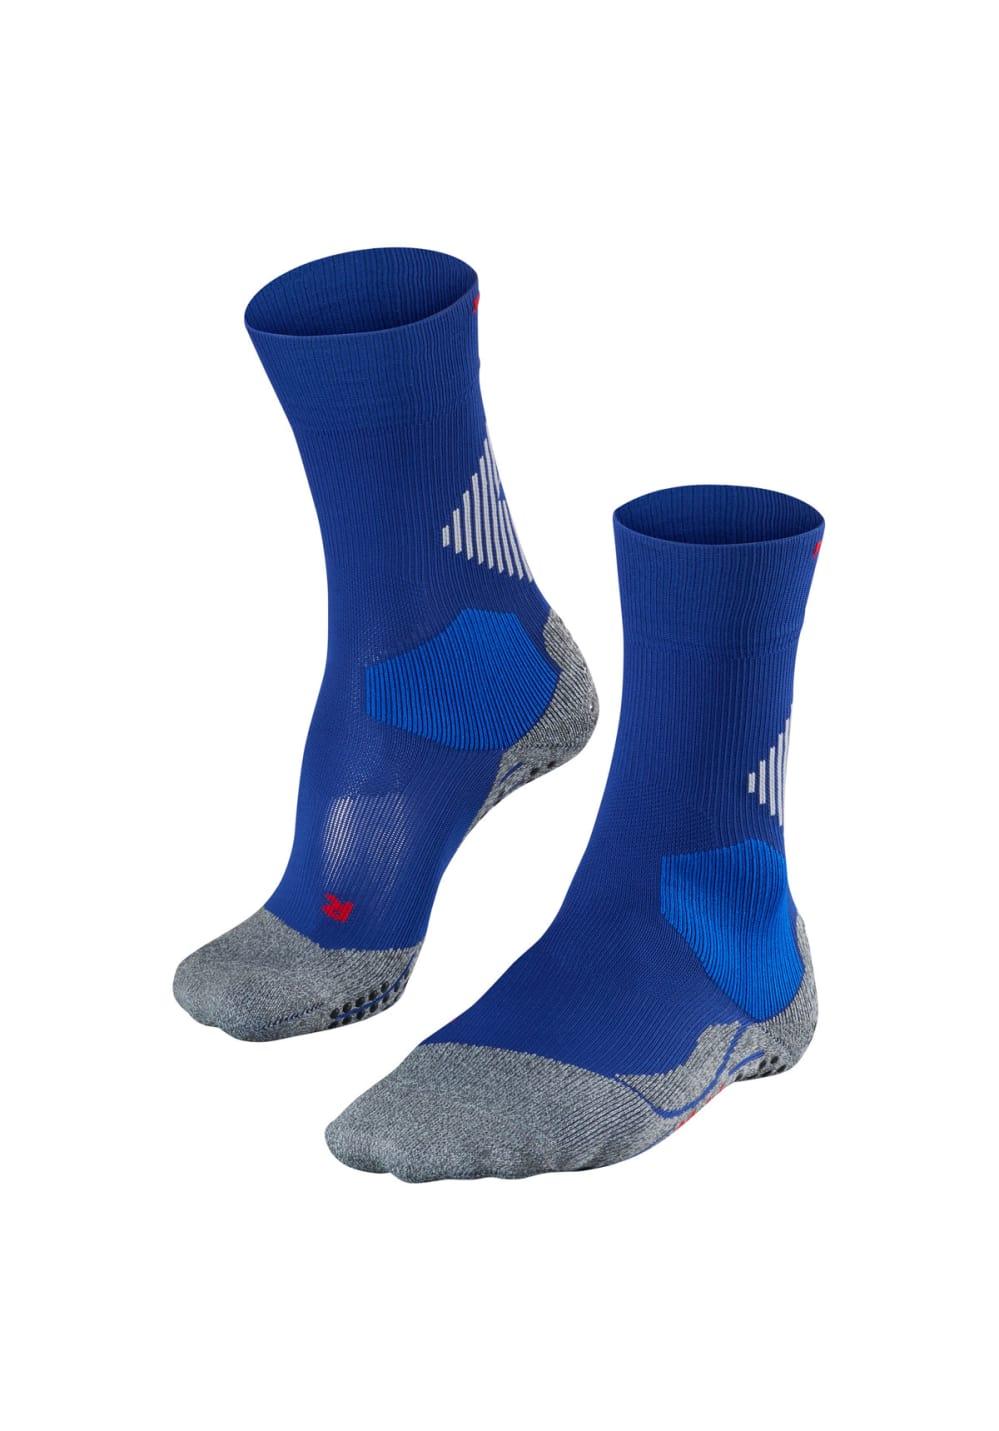 Falke 4 Grip Stabilizing Laufsocken - Blau, Gr. 12,5-13,5